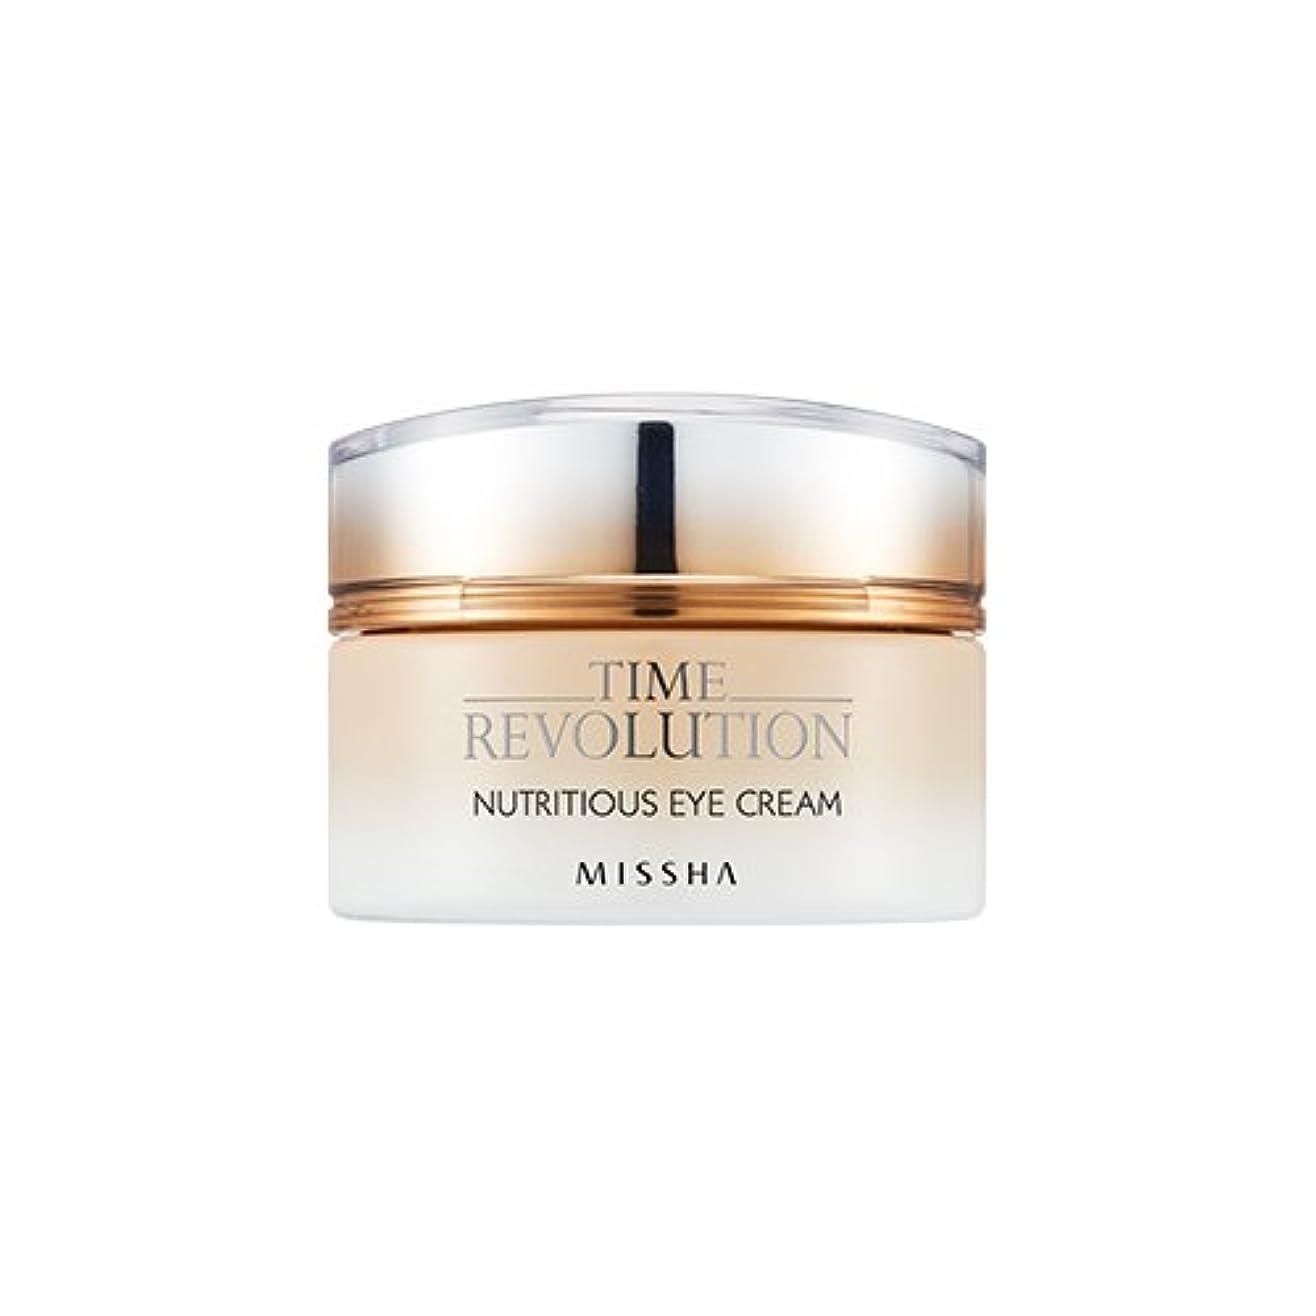 菊顕著不屈[New] MISSHA Time Revolution Nutritious Eye Cream 25ml/ミシャ タイム レボリューション ニュートリシャス アイクリーム 25ml [並行輸入品]